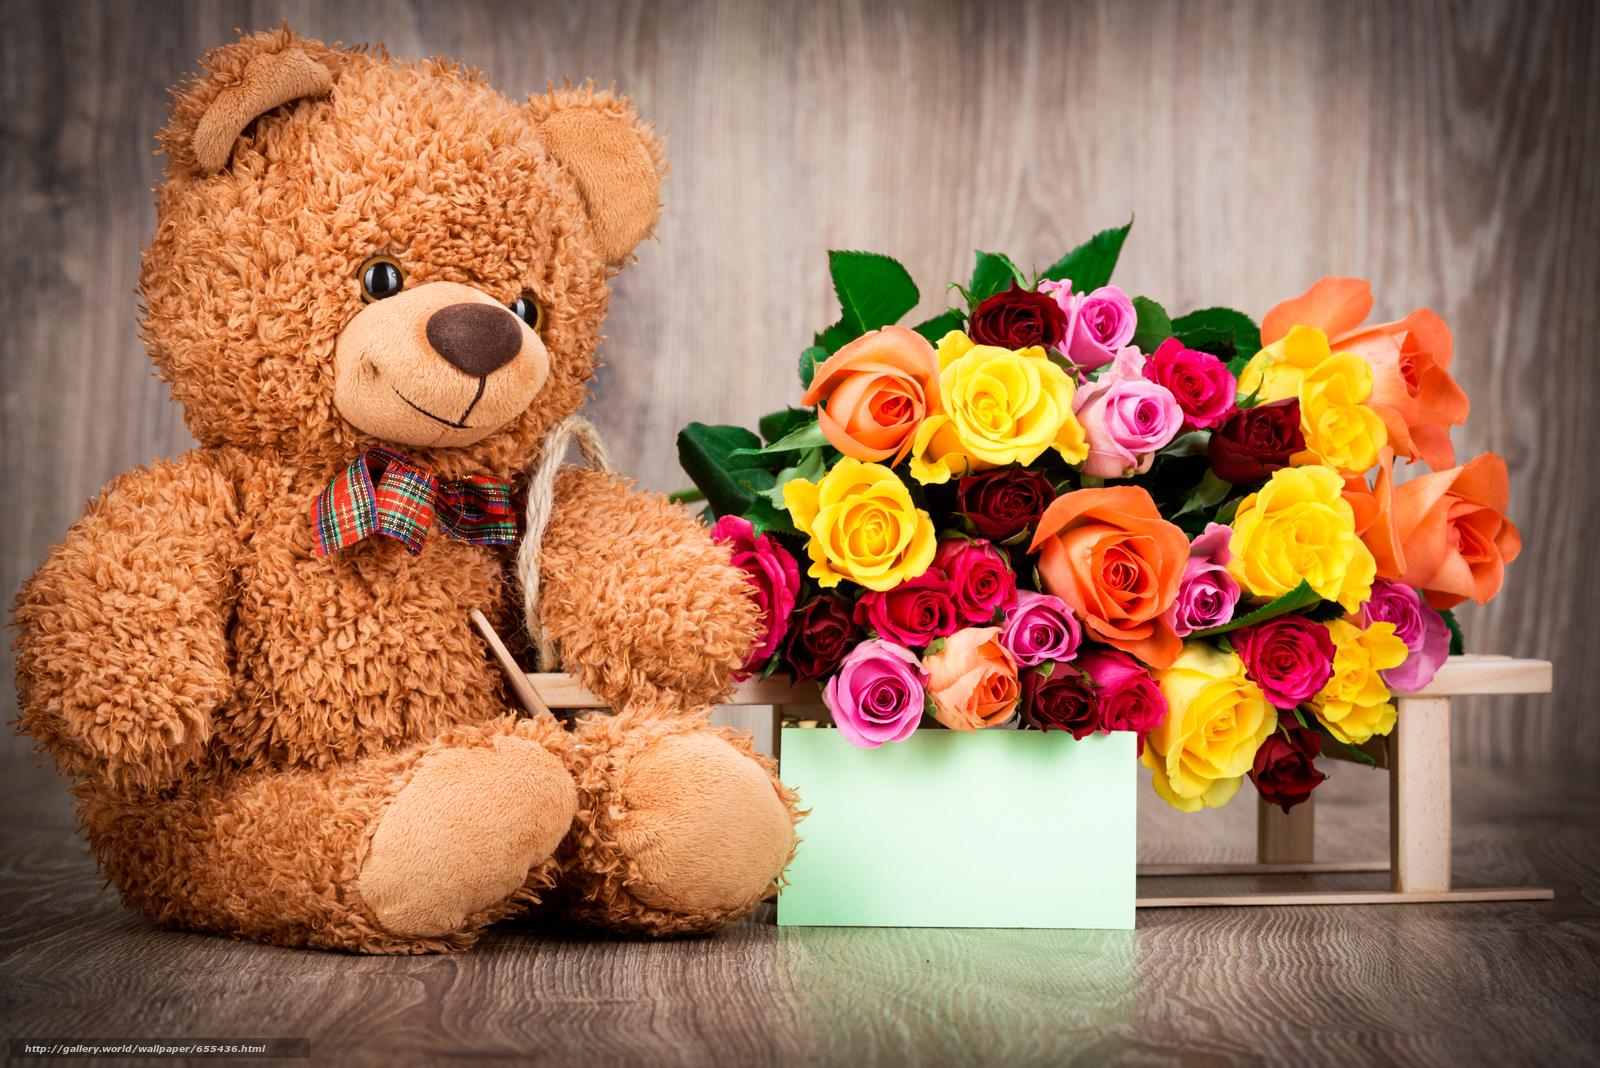 pobra tapety Valentine,  Kwiaty,  Roses,  BUDS Darmowe tapety na pulpit rozdzielczoci 7360x4912 — zdjcie №655436